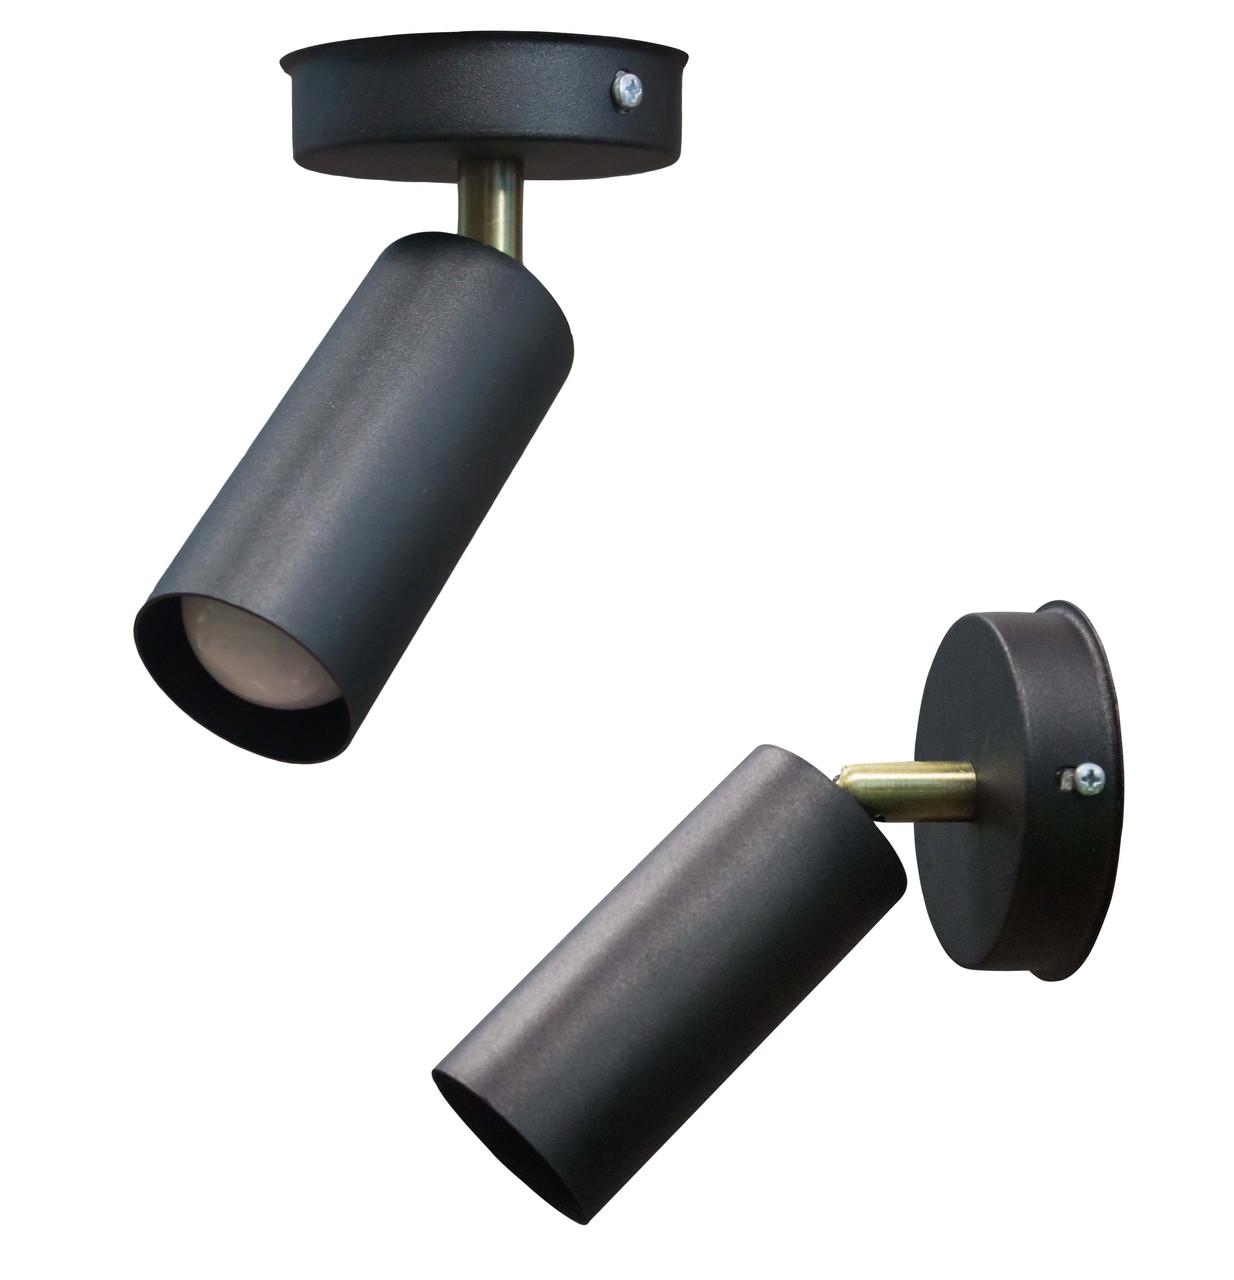 Светильник MSK Electric Tube спот с поворотным механизмом  NL 1105-1